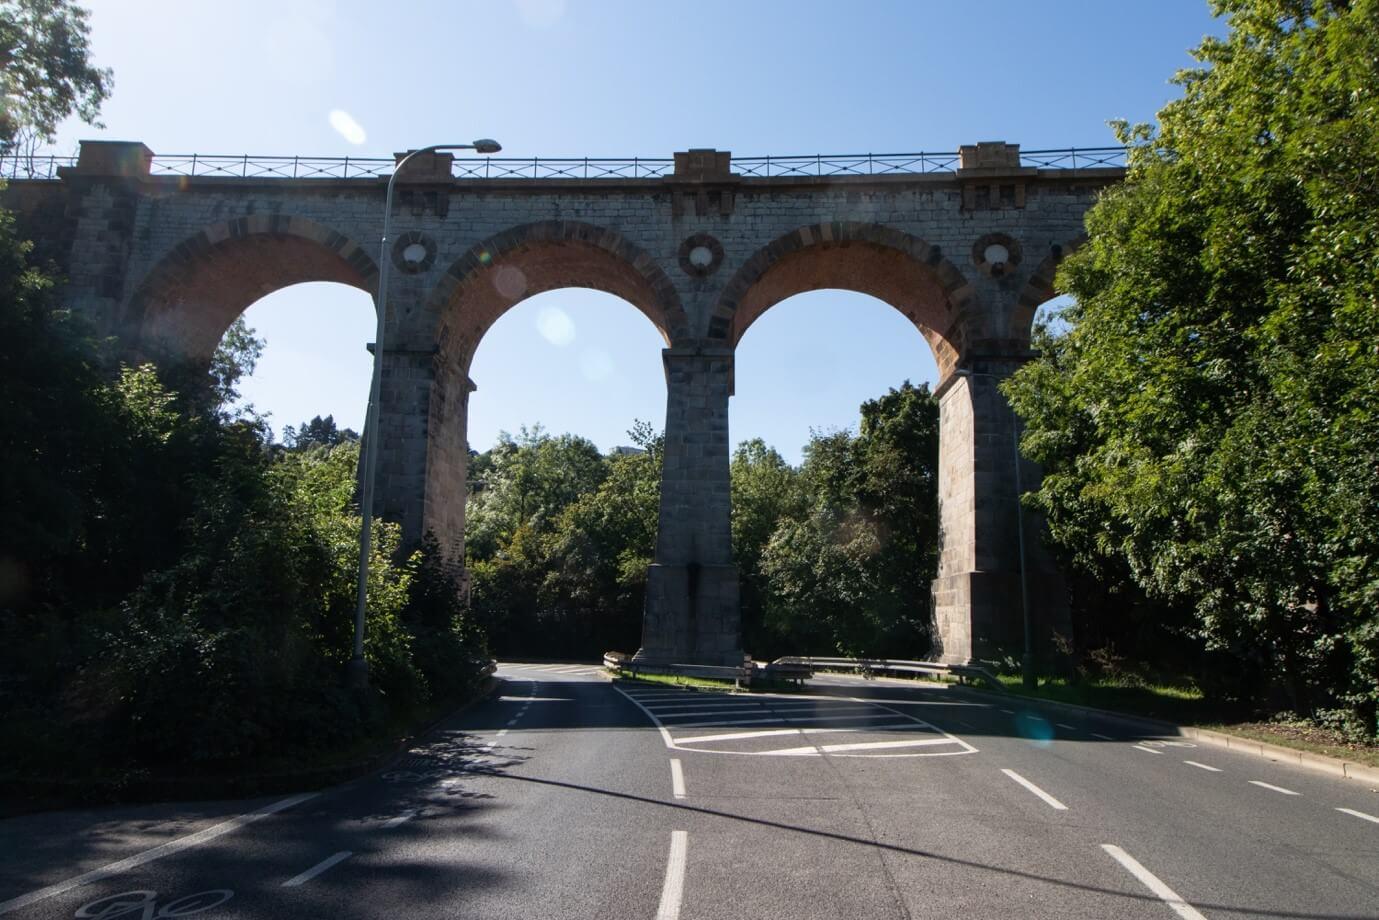 Viadukty Buštěhradské dráhy 3